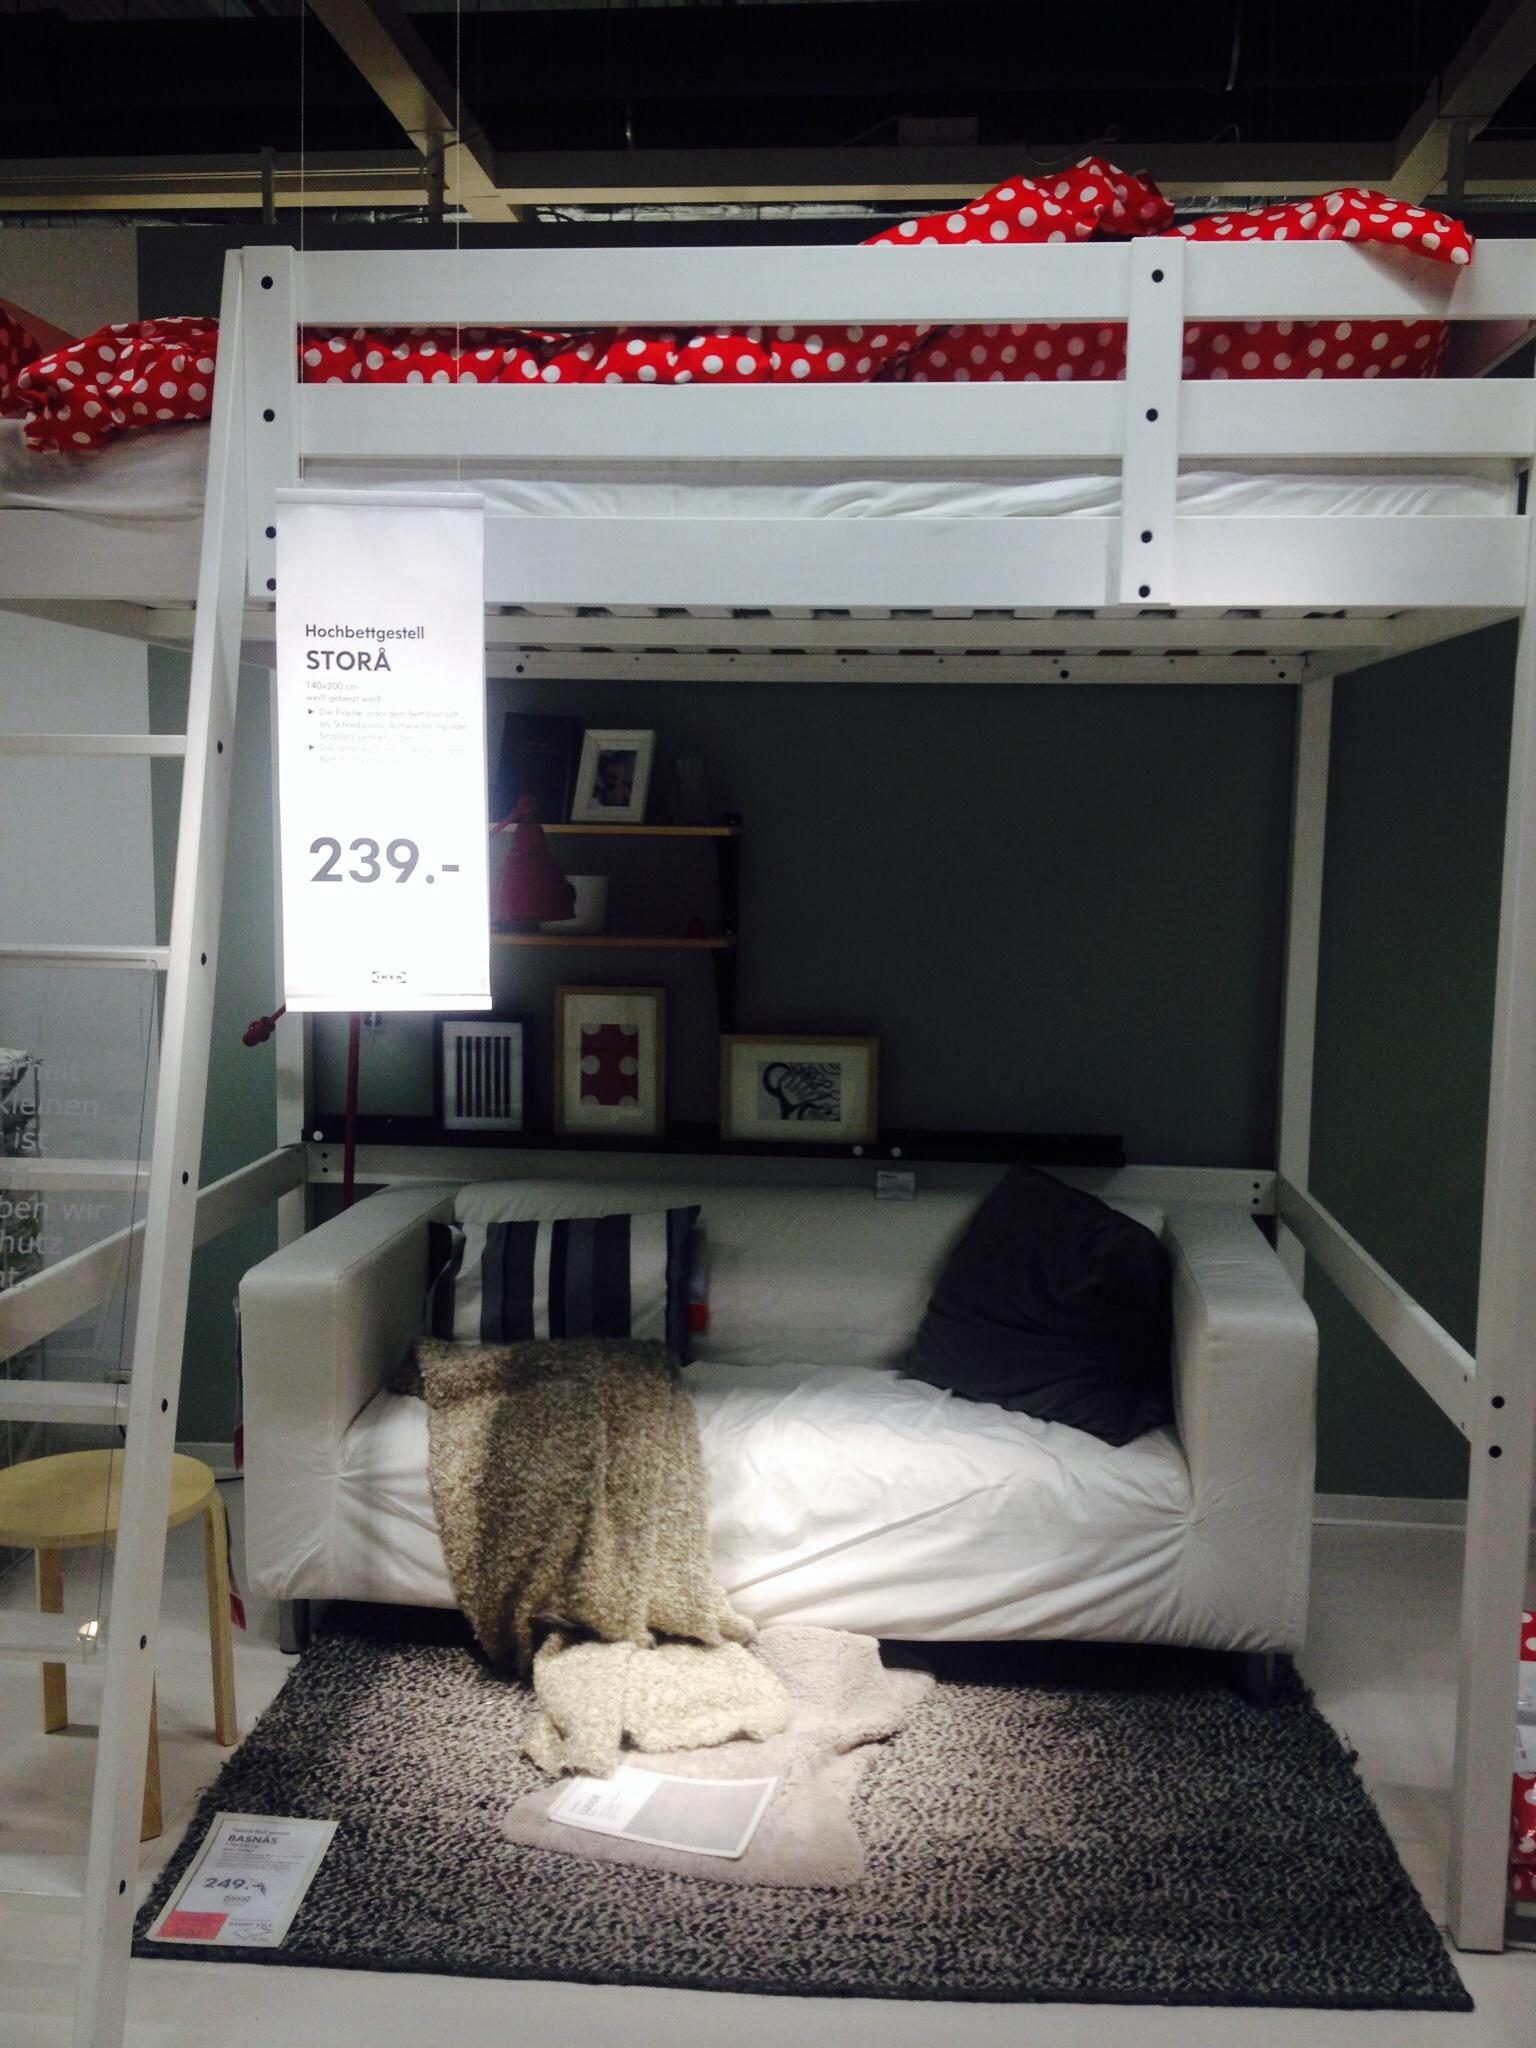 hochbett fr erwachsene hochbetten f r erwachsene gute idee f r kleine wohnung with hochbett fr. Black Bedroom Furniture Sets. Home Design Ideas